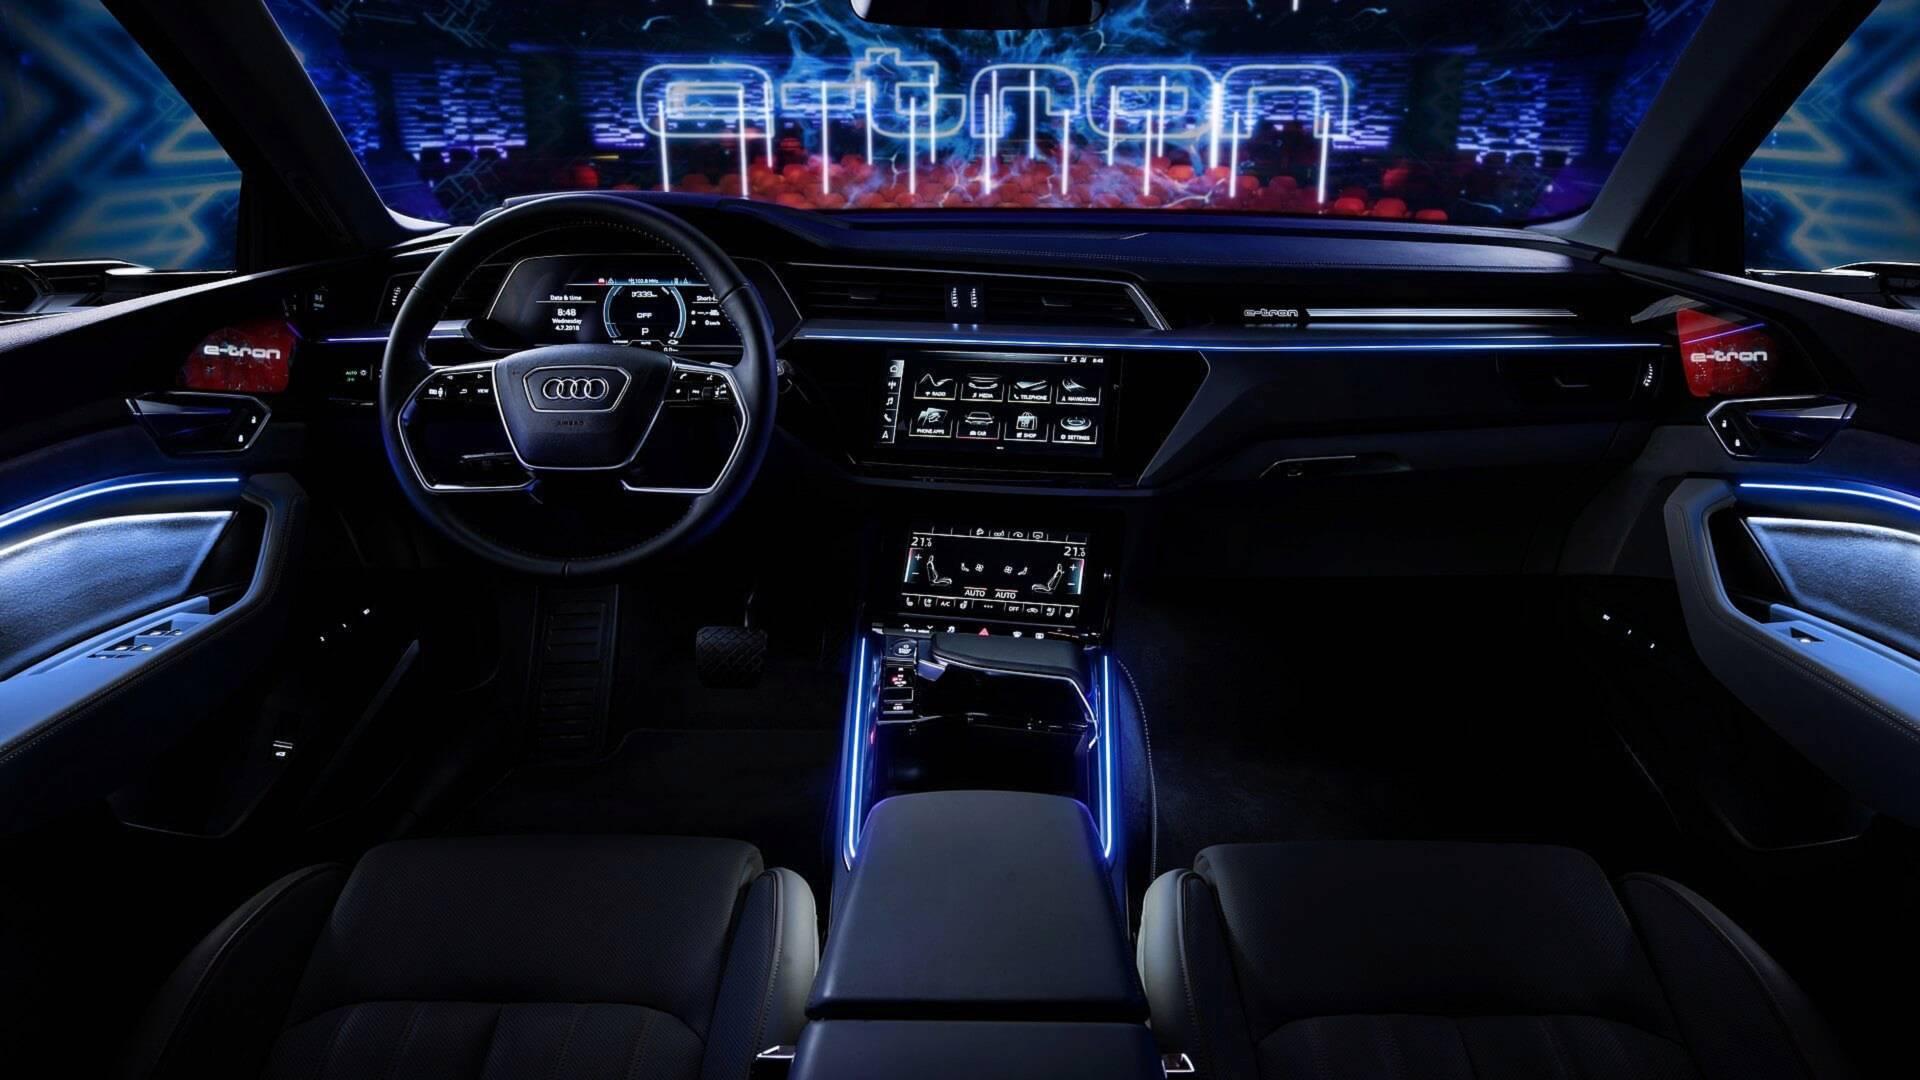 2019 Audi e-tron Electric SUV Shows Interior Design in ...